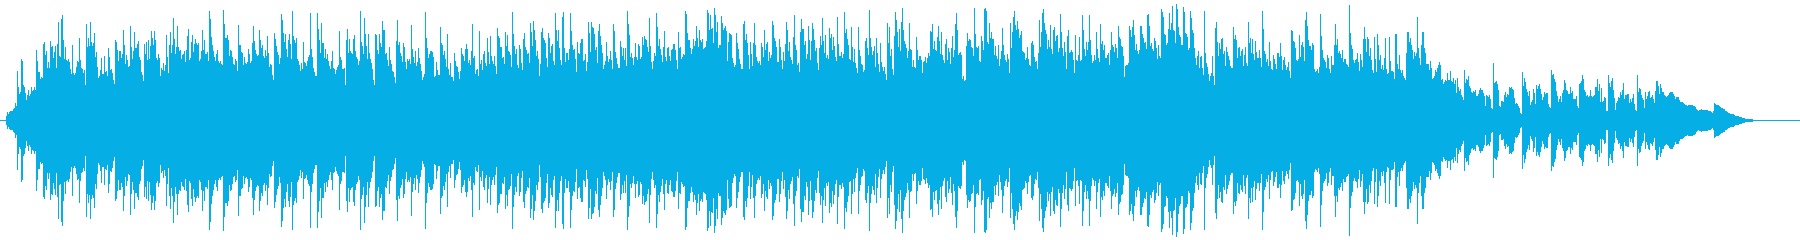 ピアノの旋律が印象的な華やかPopsの再生済みの波形